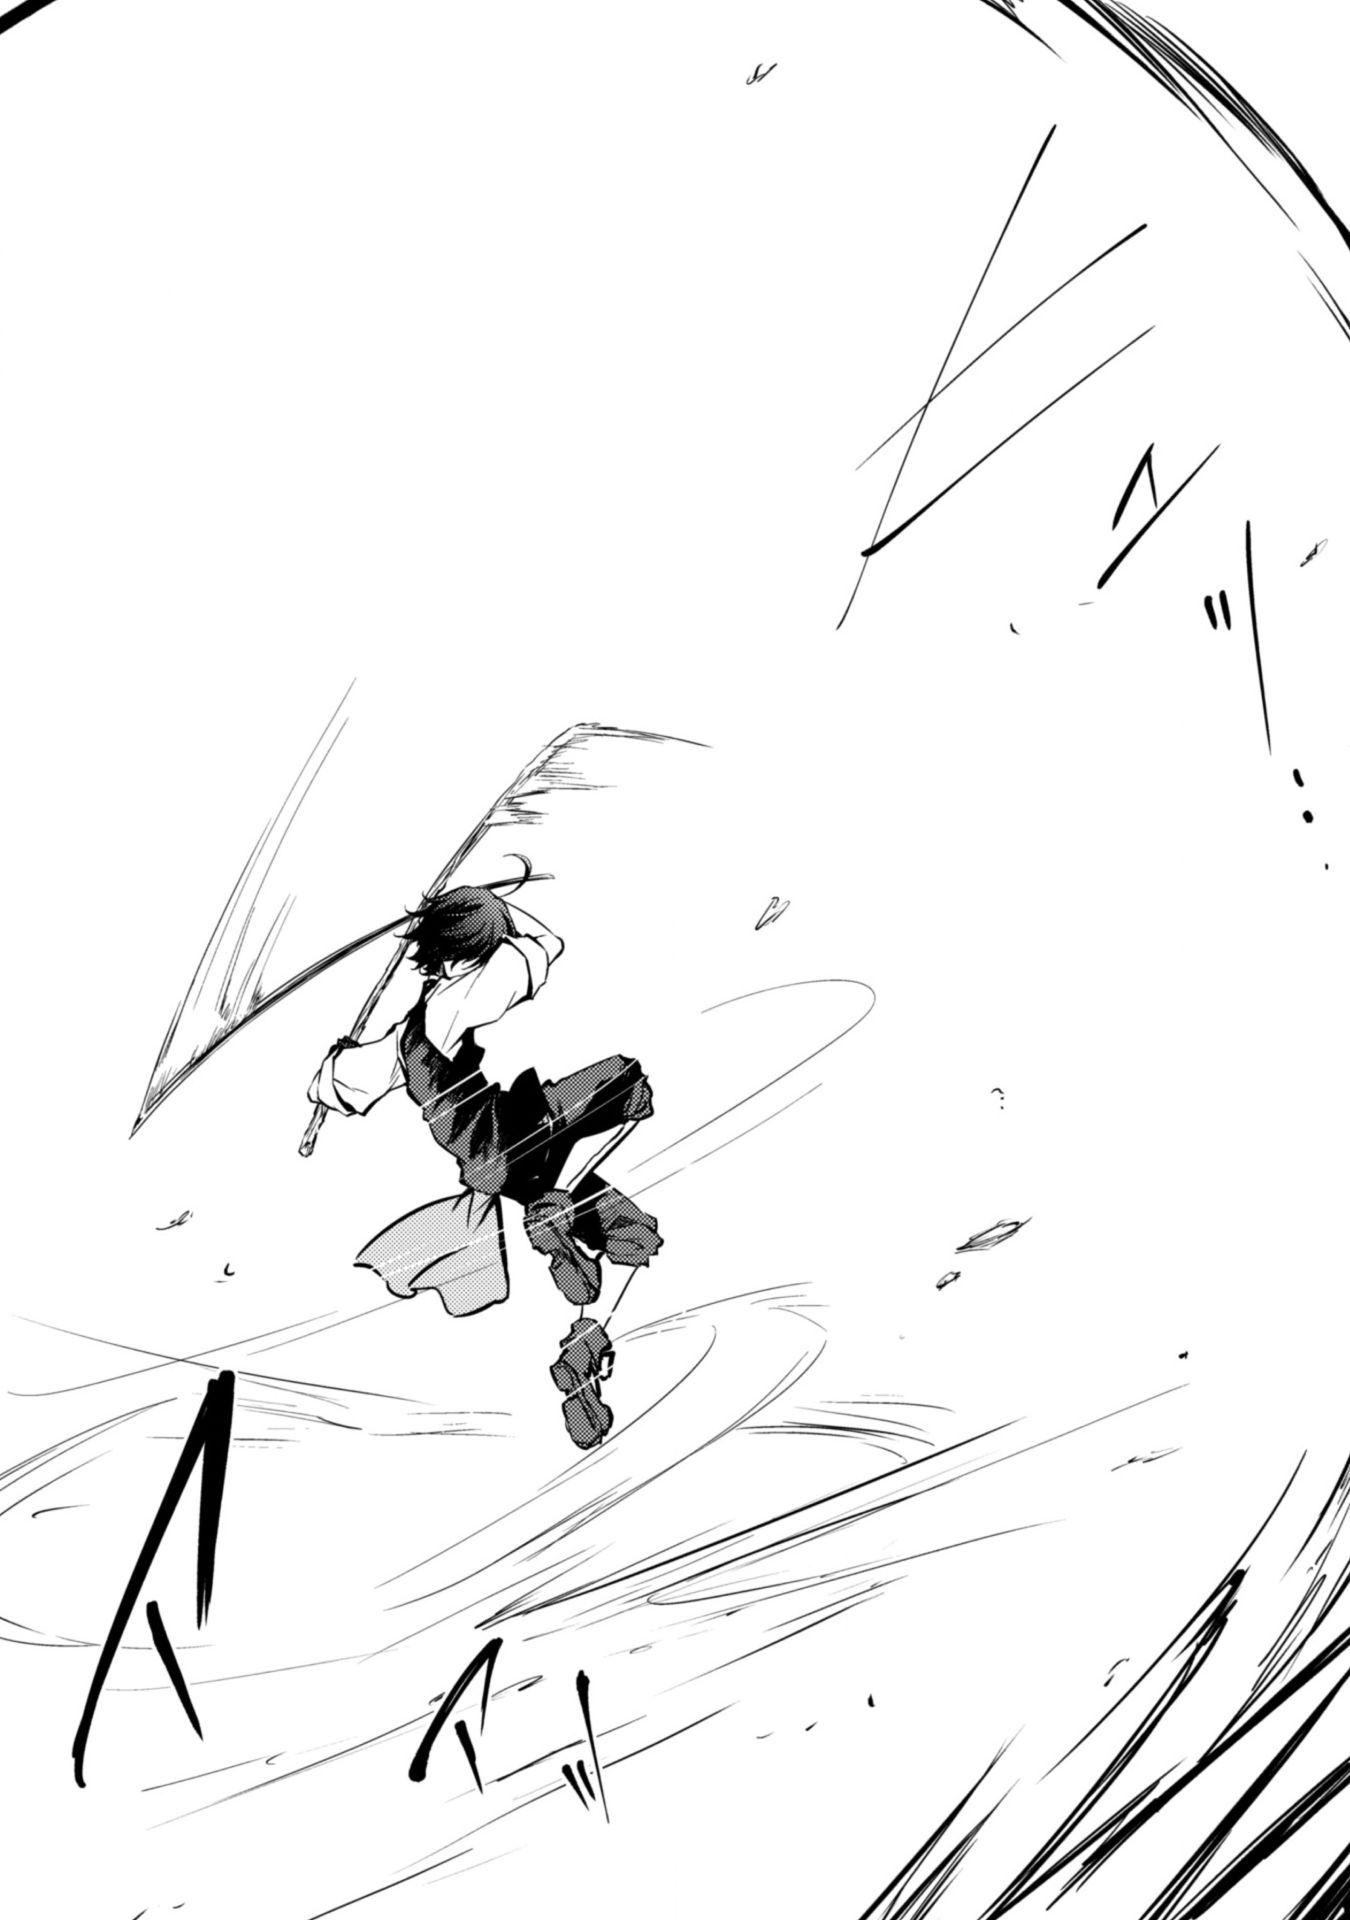 Манга Бывший сильнейший мечник жаждет магии в другом мире / Ex Strongest Swordsman Long For Magic In Different World - Том 2 Глава 13 Страница 11